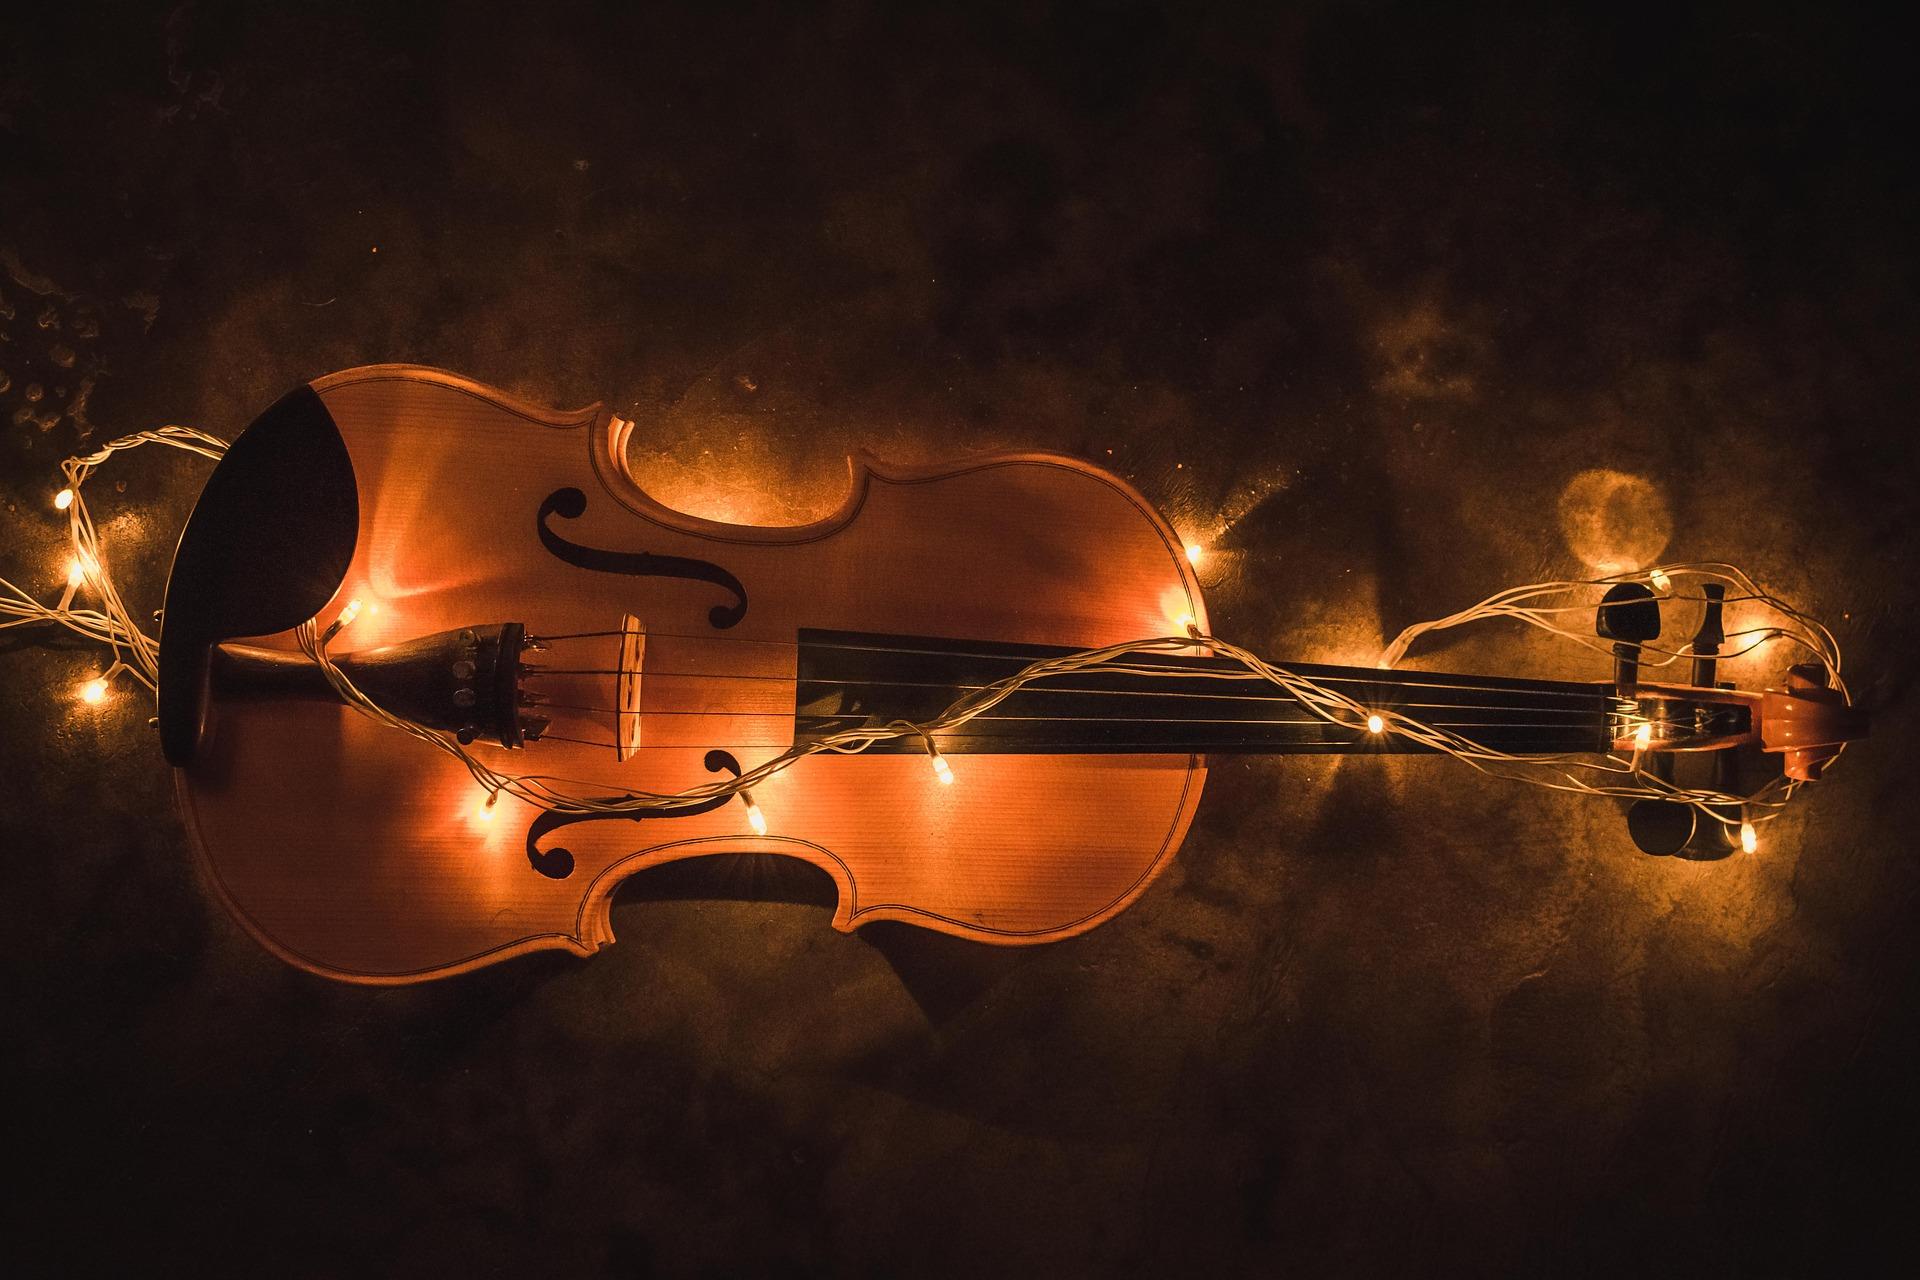 Лофт Филармония: москвичей пригласили в ЗИЛ на концерт классической музыки